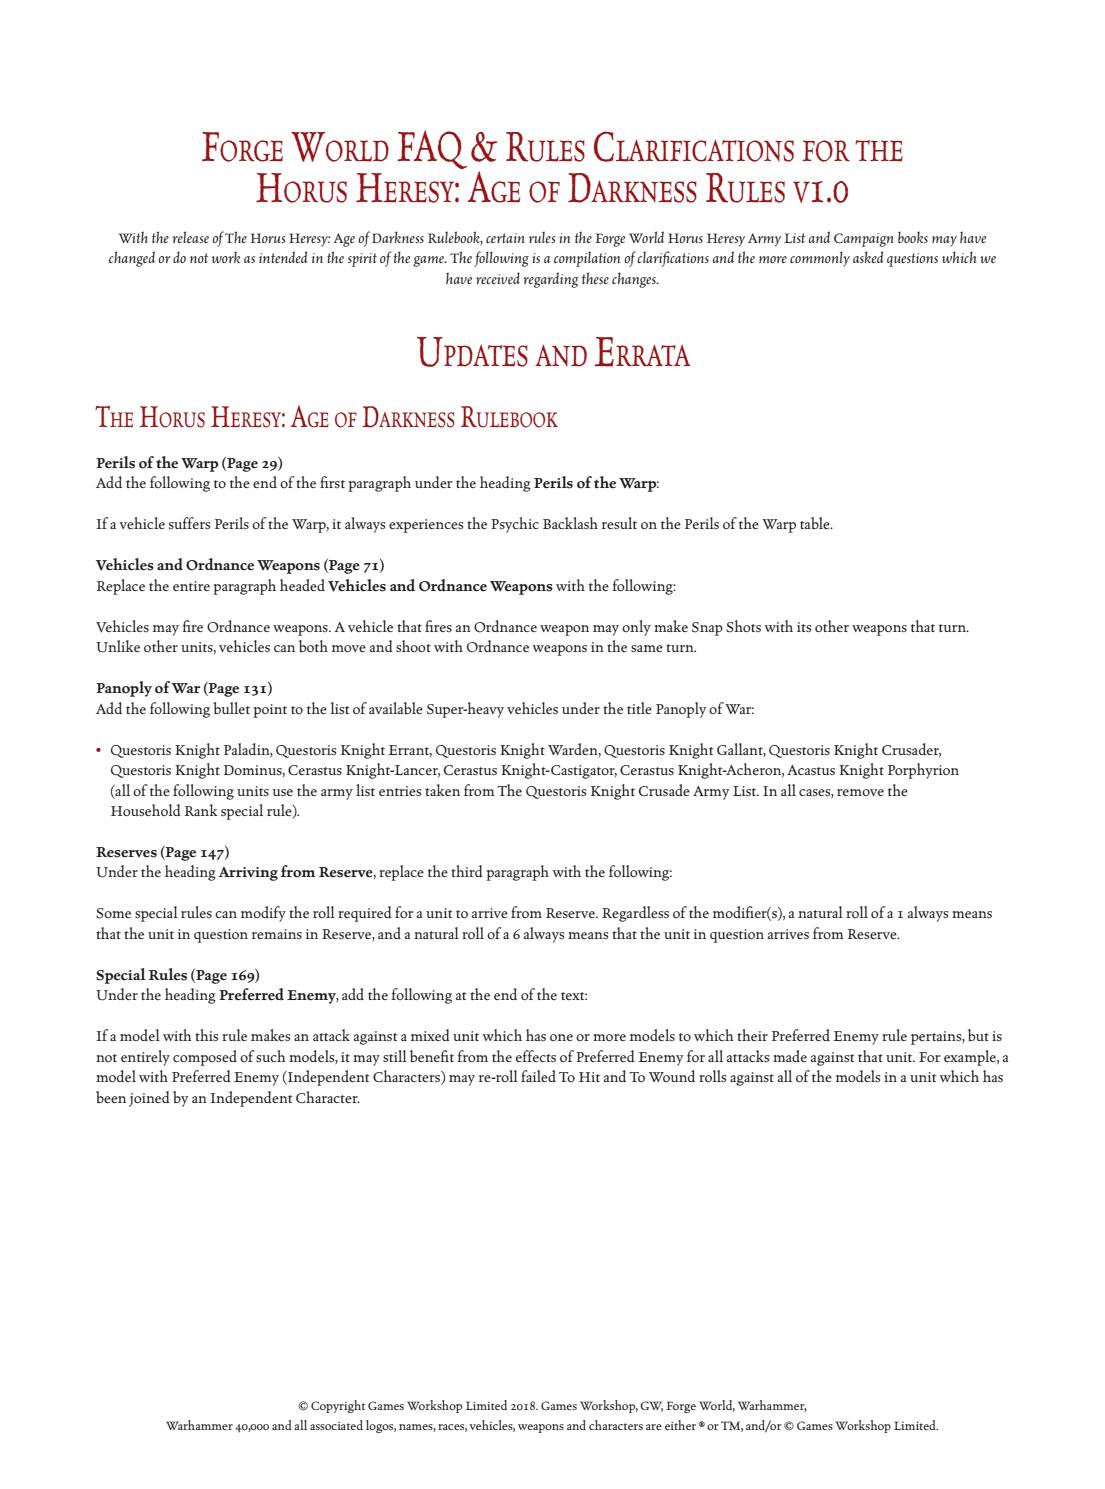 Herejía de Horus Age of Darkness FAQ y Errata 1 0 by Miniwars - issuu